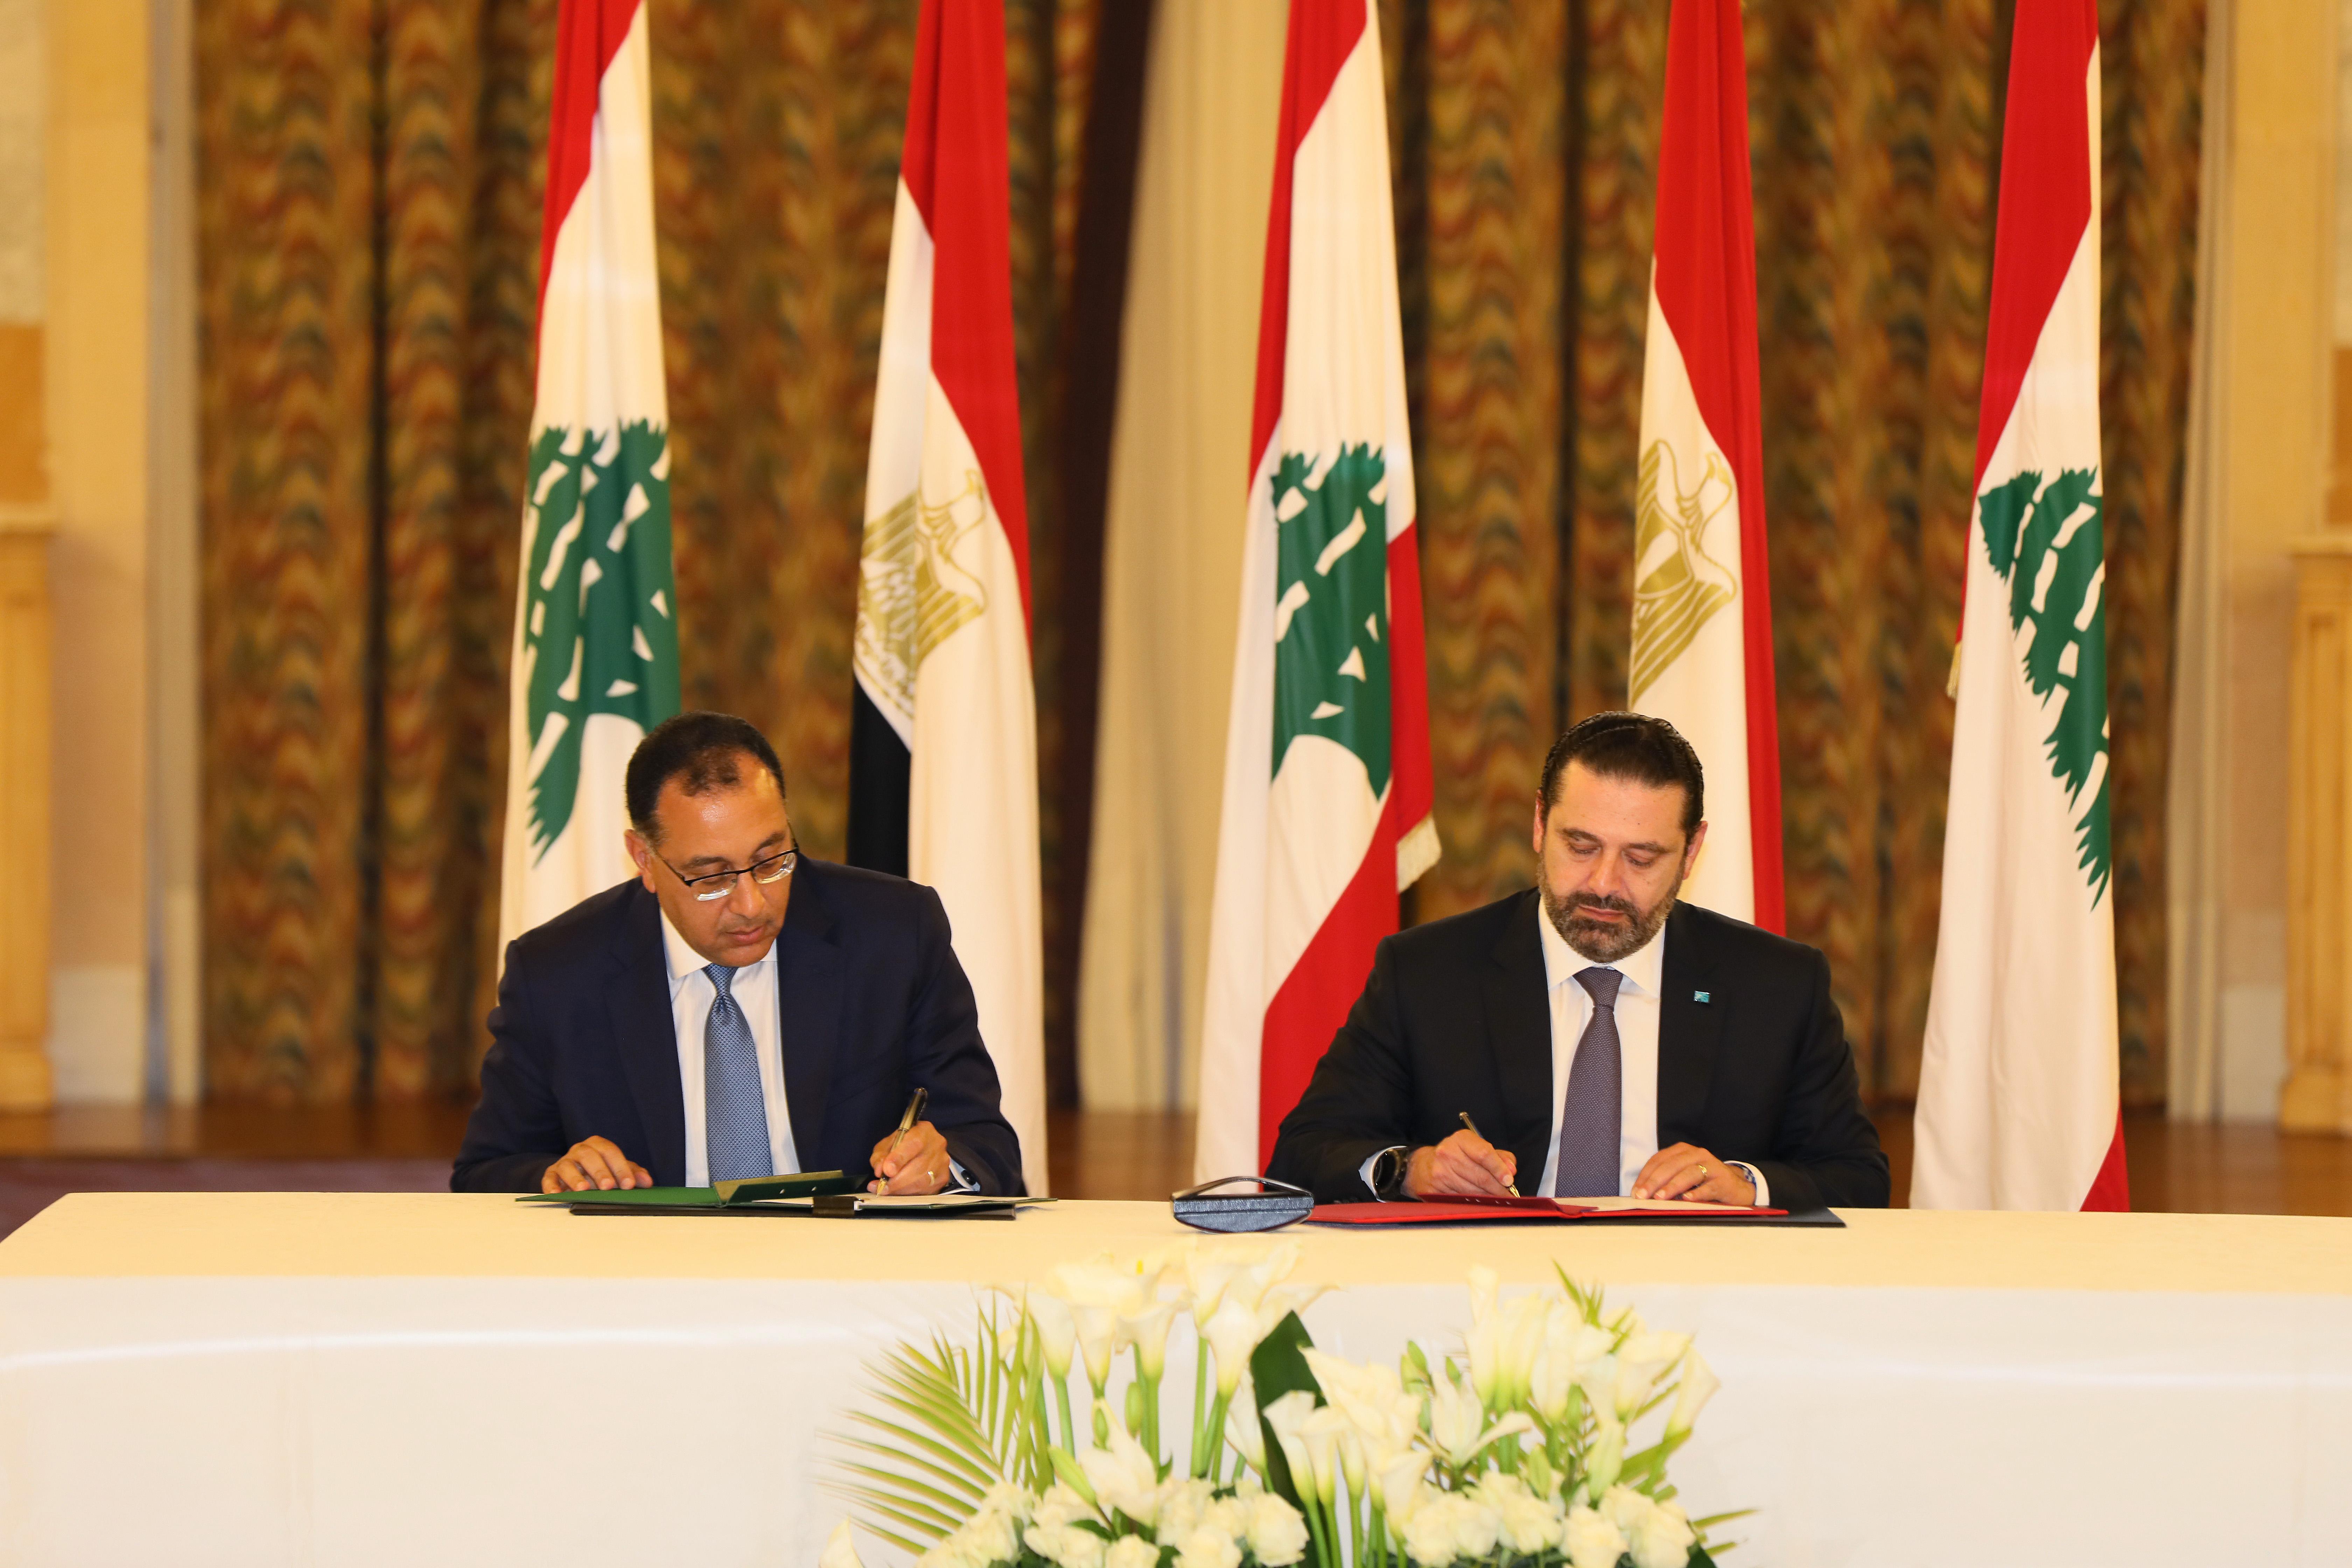 Pr Minister Saad Hariri meets Egyptian Pr Minister 6